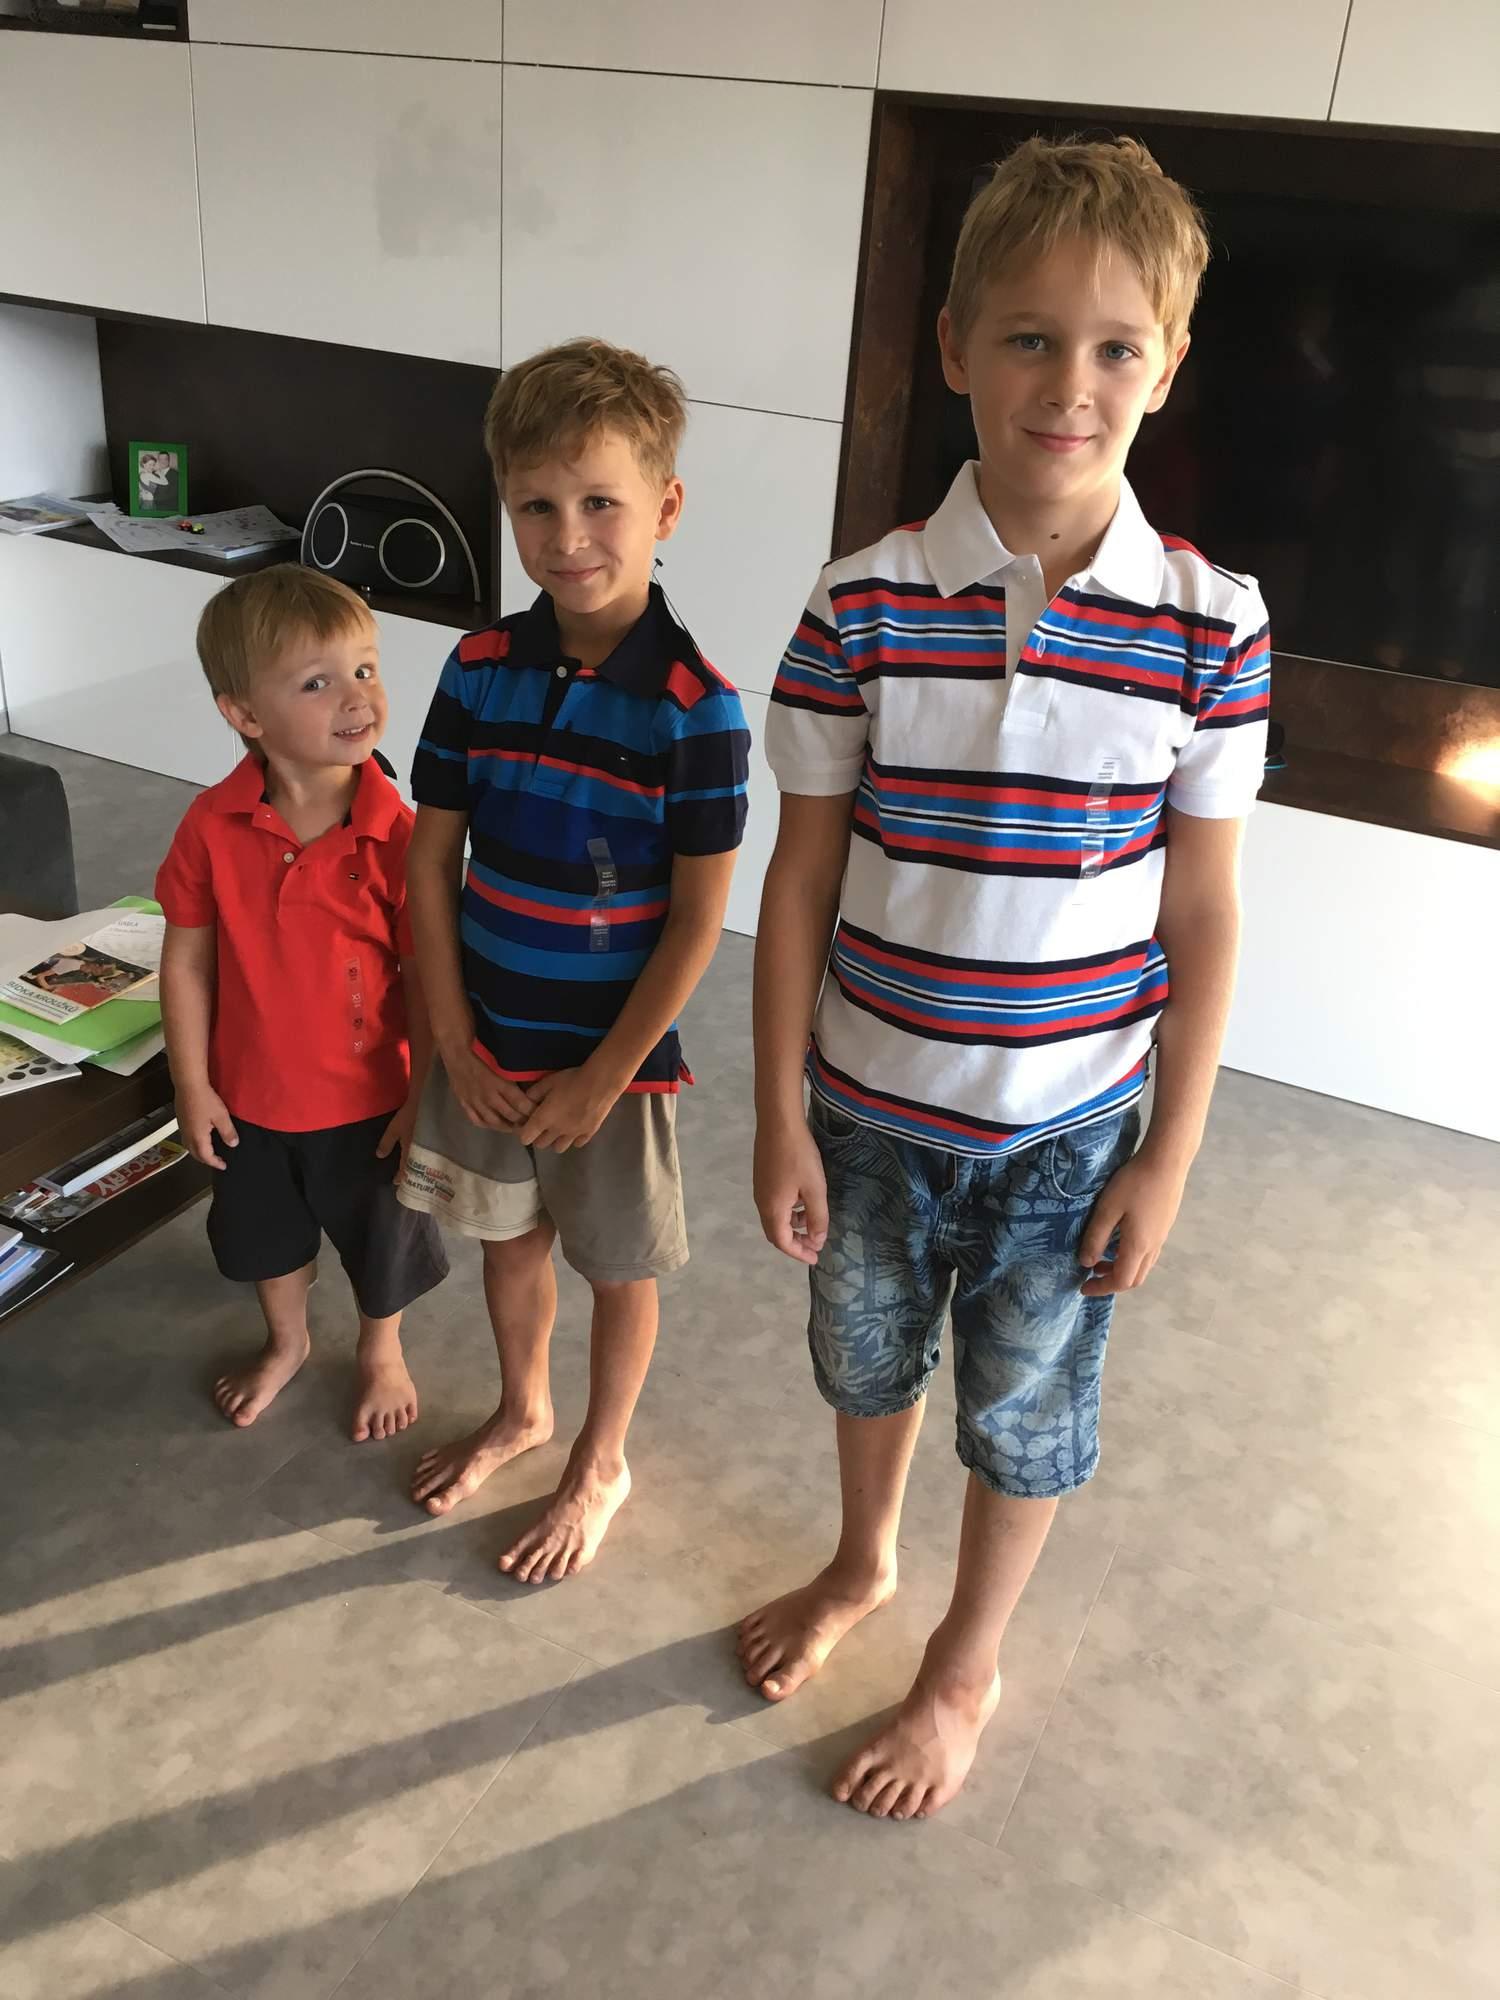 rajce.cz letogaydek.net boys